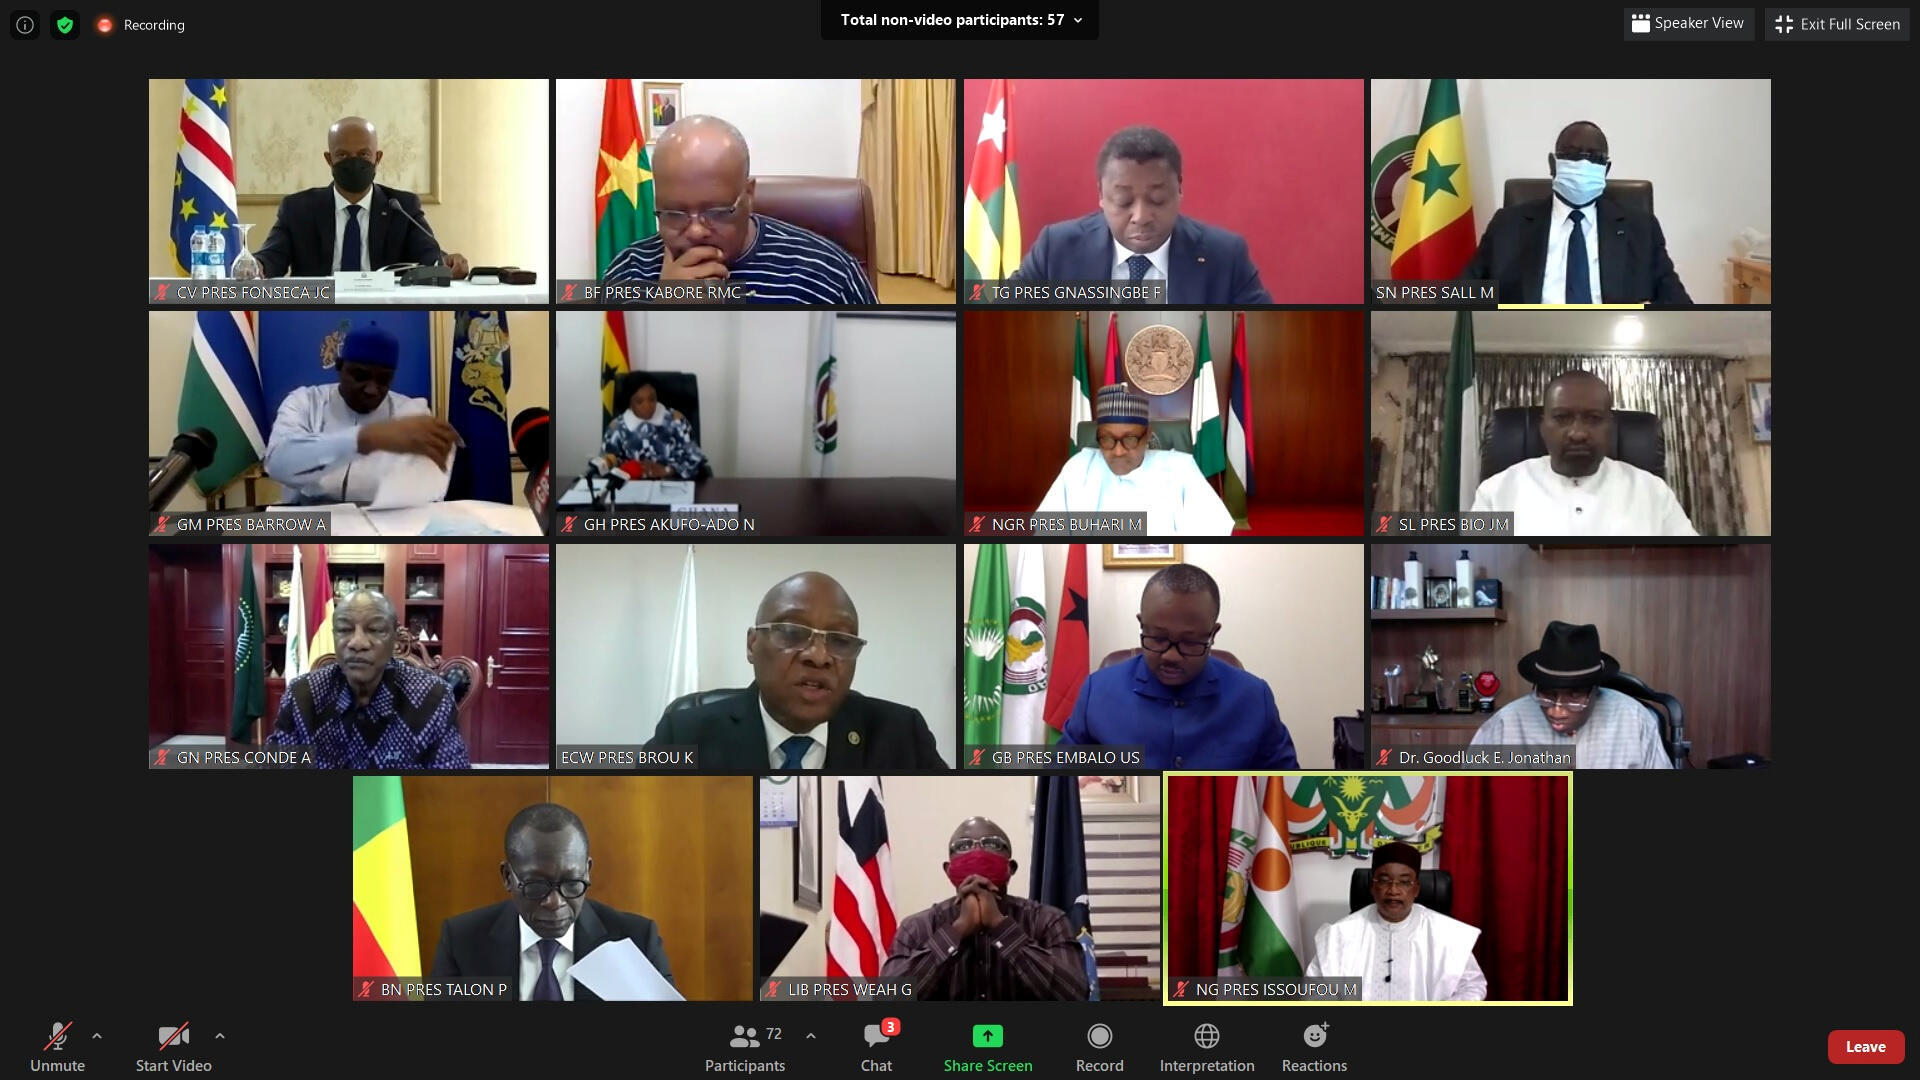 Picha ya skrini ya mkutano wa marais wa ECOWAS kupitia video kuhusu Mali, Agosti 20, 2020 (picha ya kumbukubu).